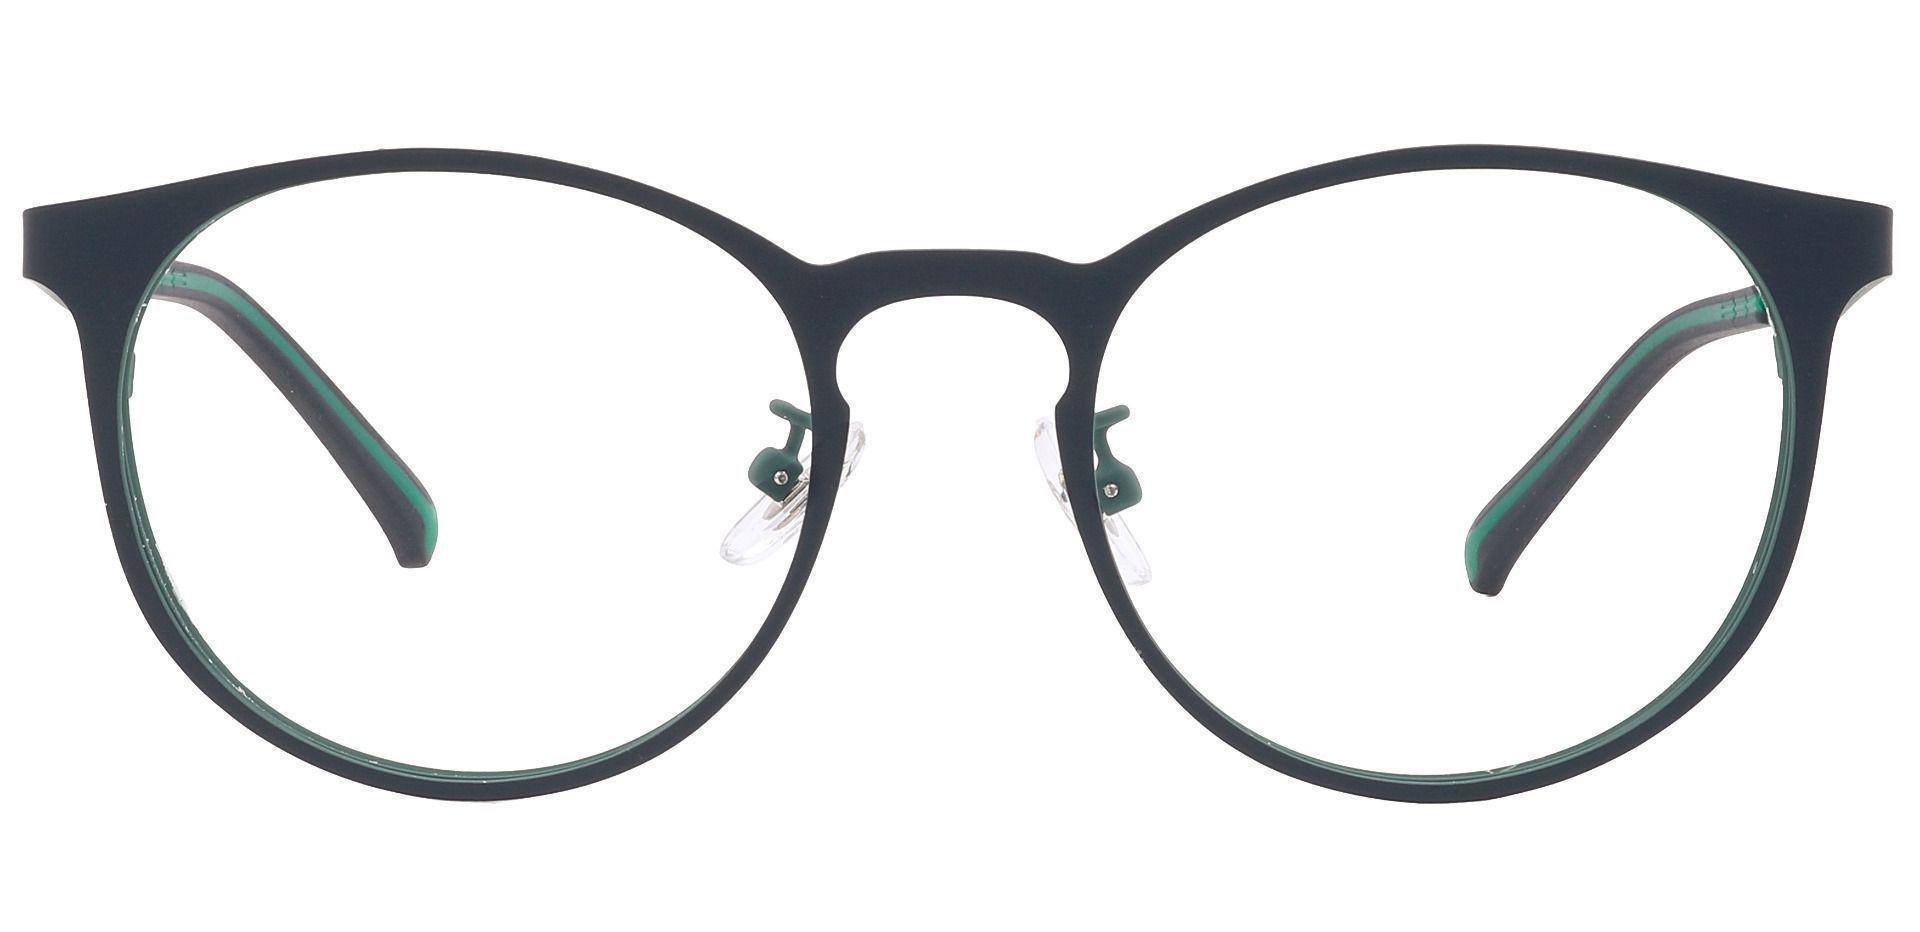 Wallace Oval Prescription Glasses - Green